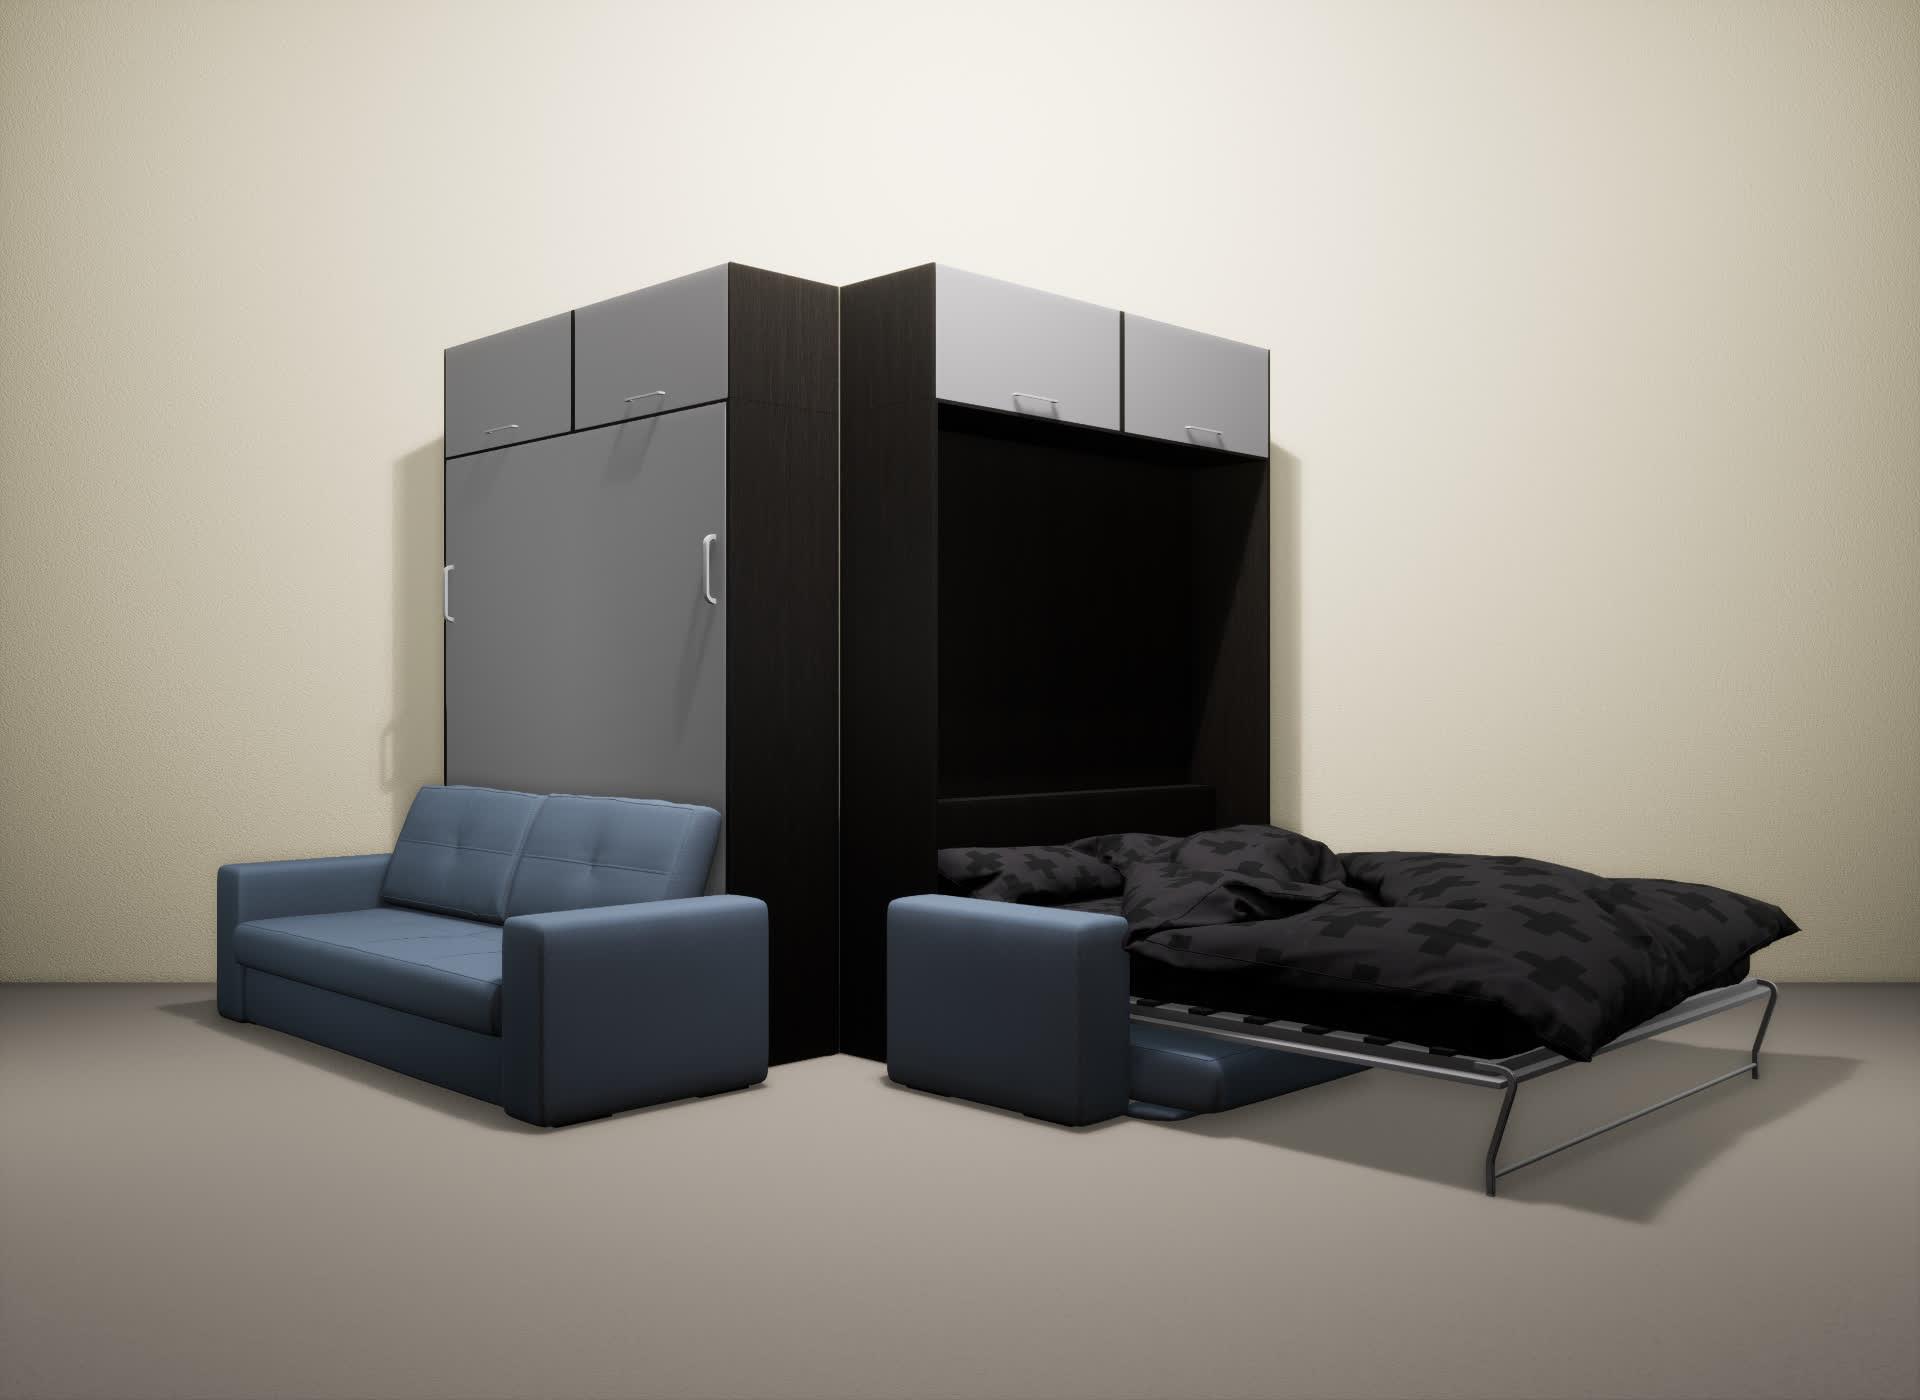 Шкаф-кровать SMART HOME Гамма венге/серый